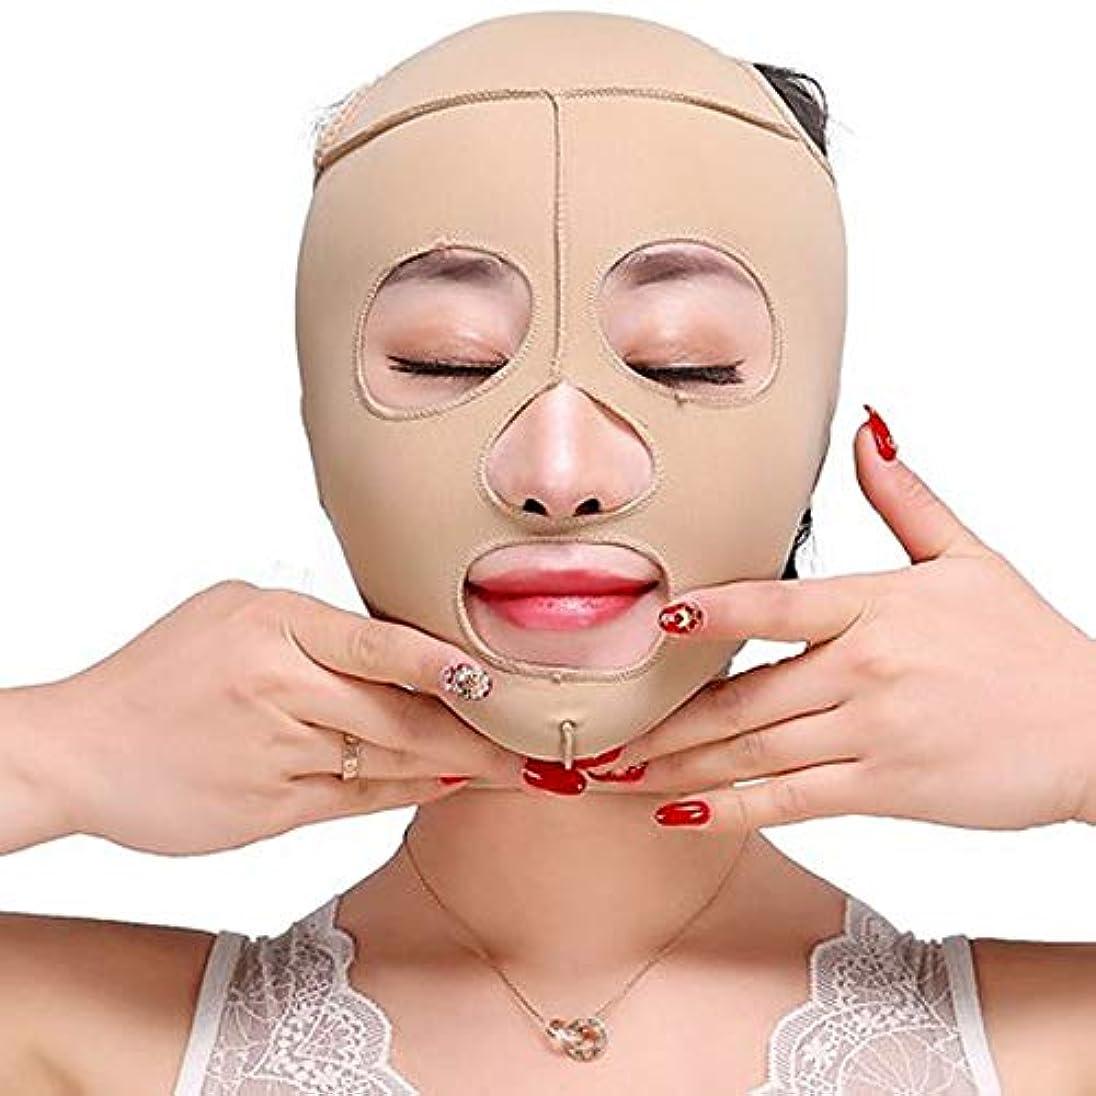 パーチナシティ羨望ハイライトTLMY フェイシャルリフティングフェイシャルVマスクダブルあご薄い顔包帯抗シワリフティングチークライン 顔用整形マスク (Size : L)